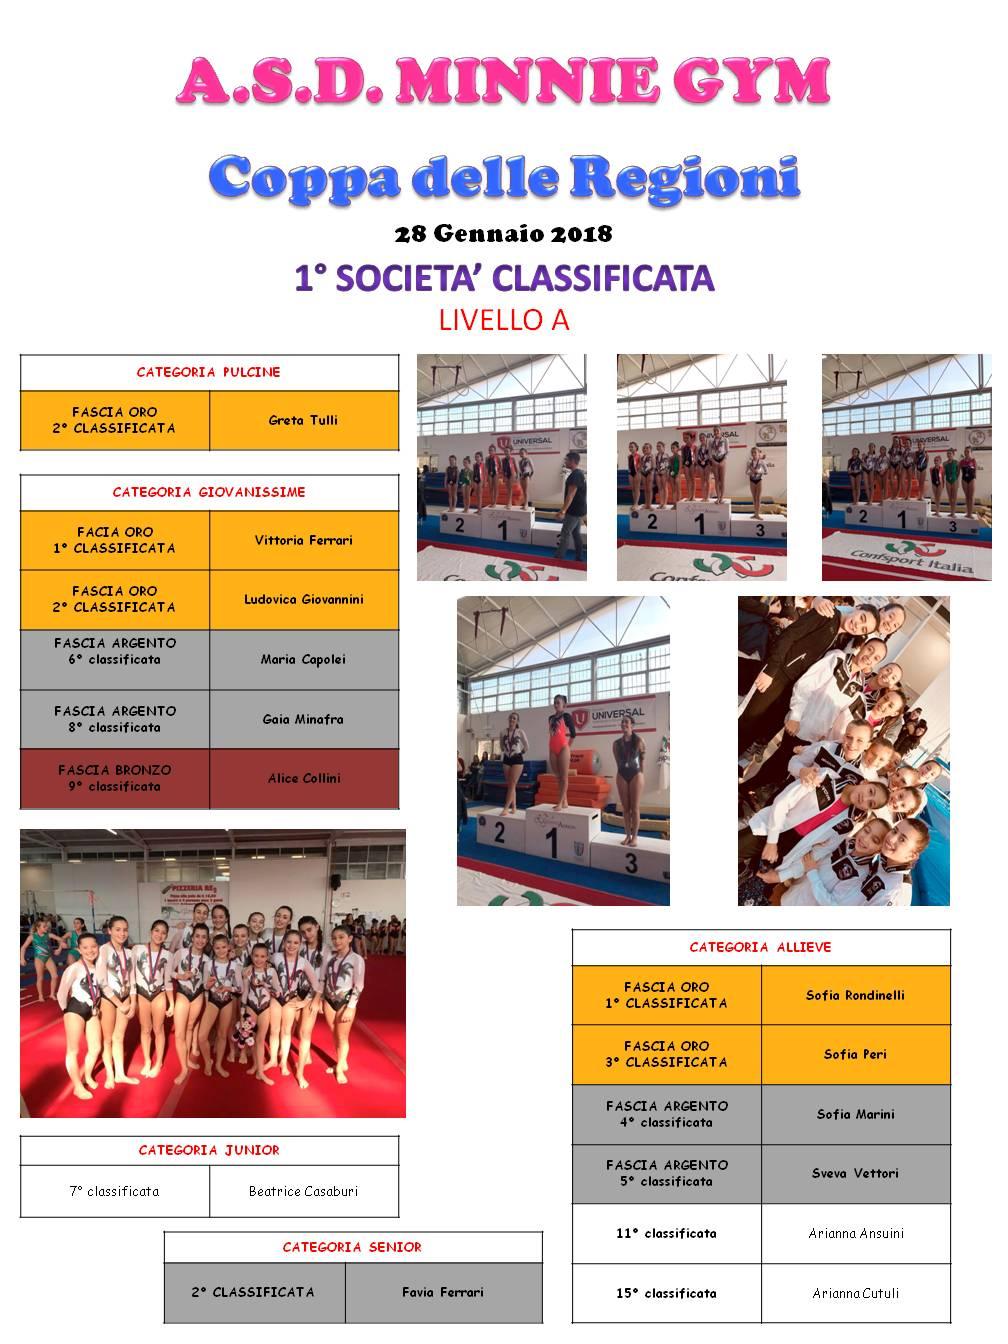 Cartellone Coppa delle Regioni Livello A Minnie Gym